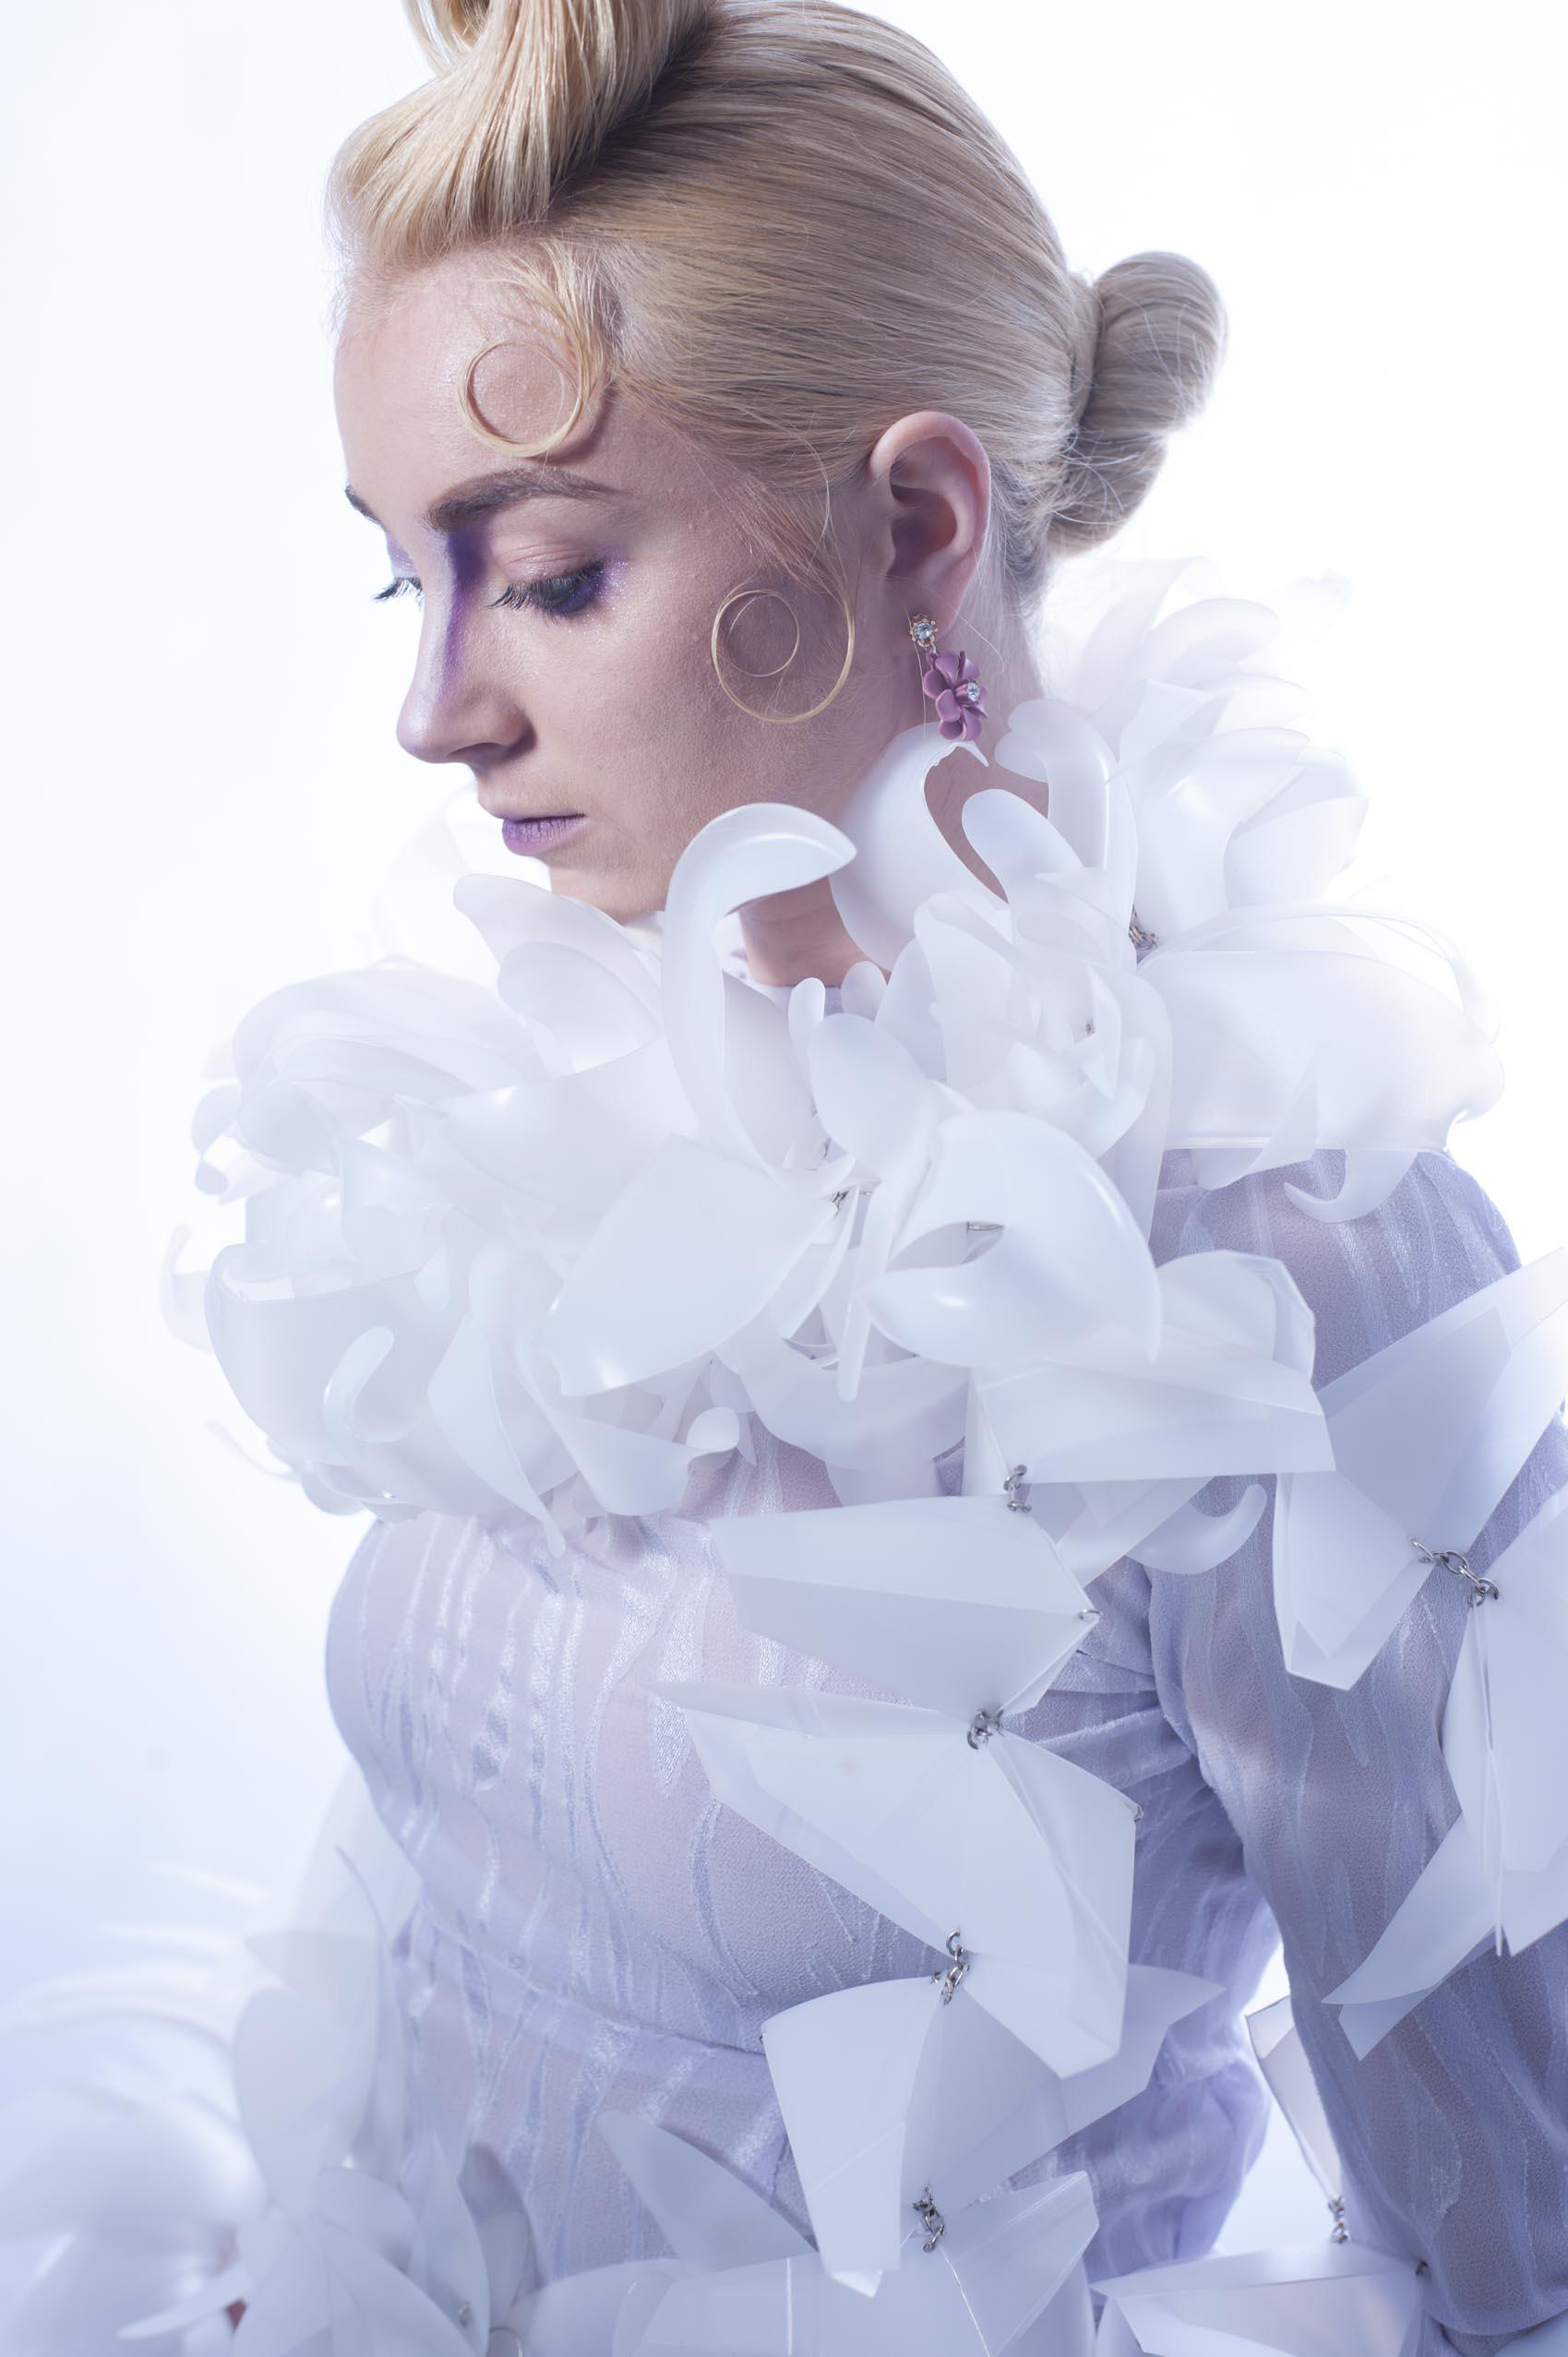 Model Lindsay Edgecomb